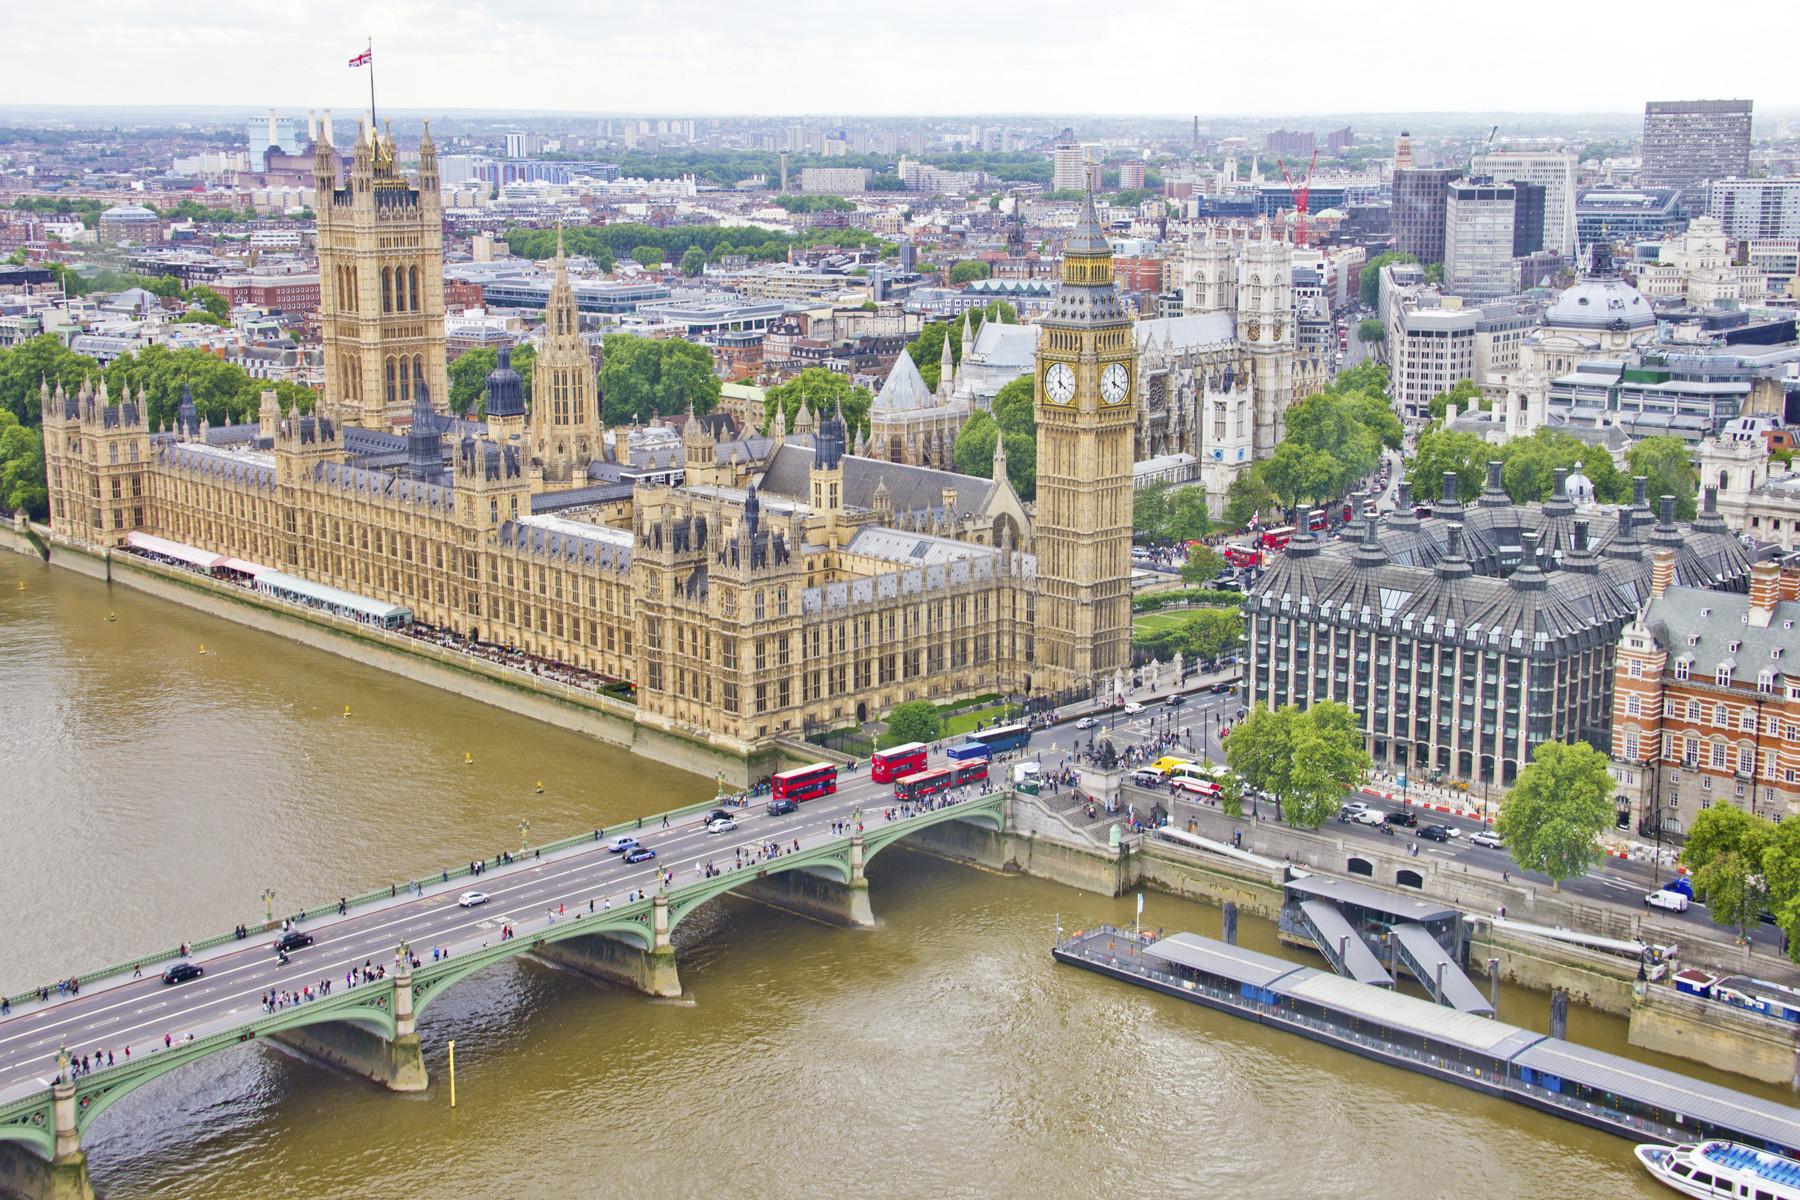 Campanha incentiva cidadãos europeus a pedirem residência no Reino Unido